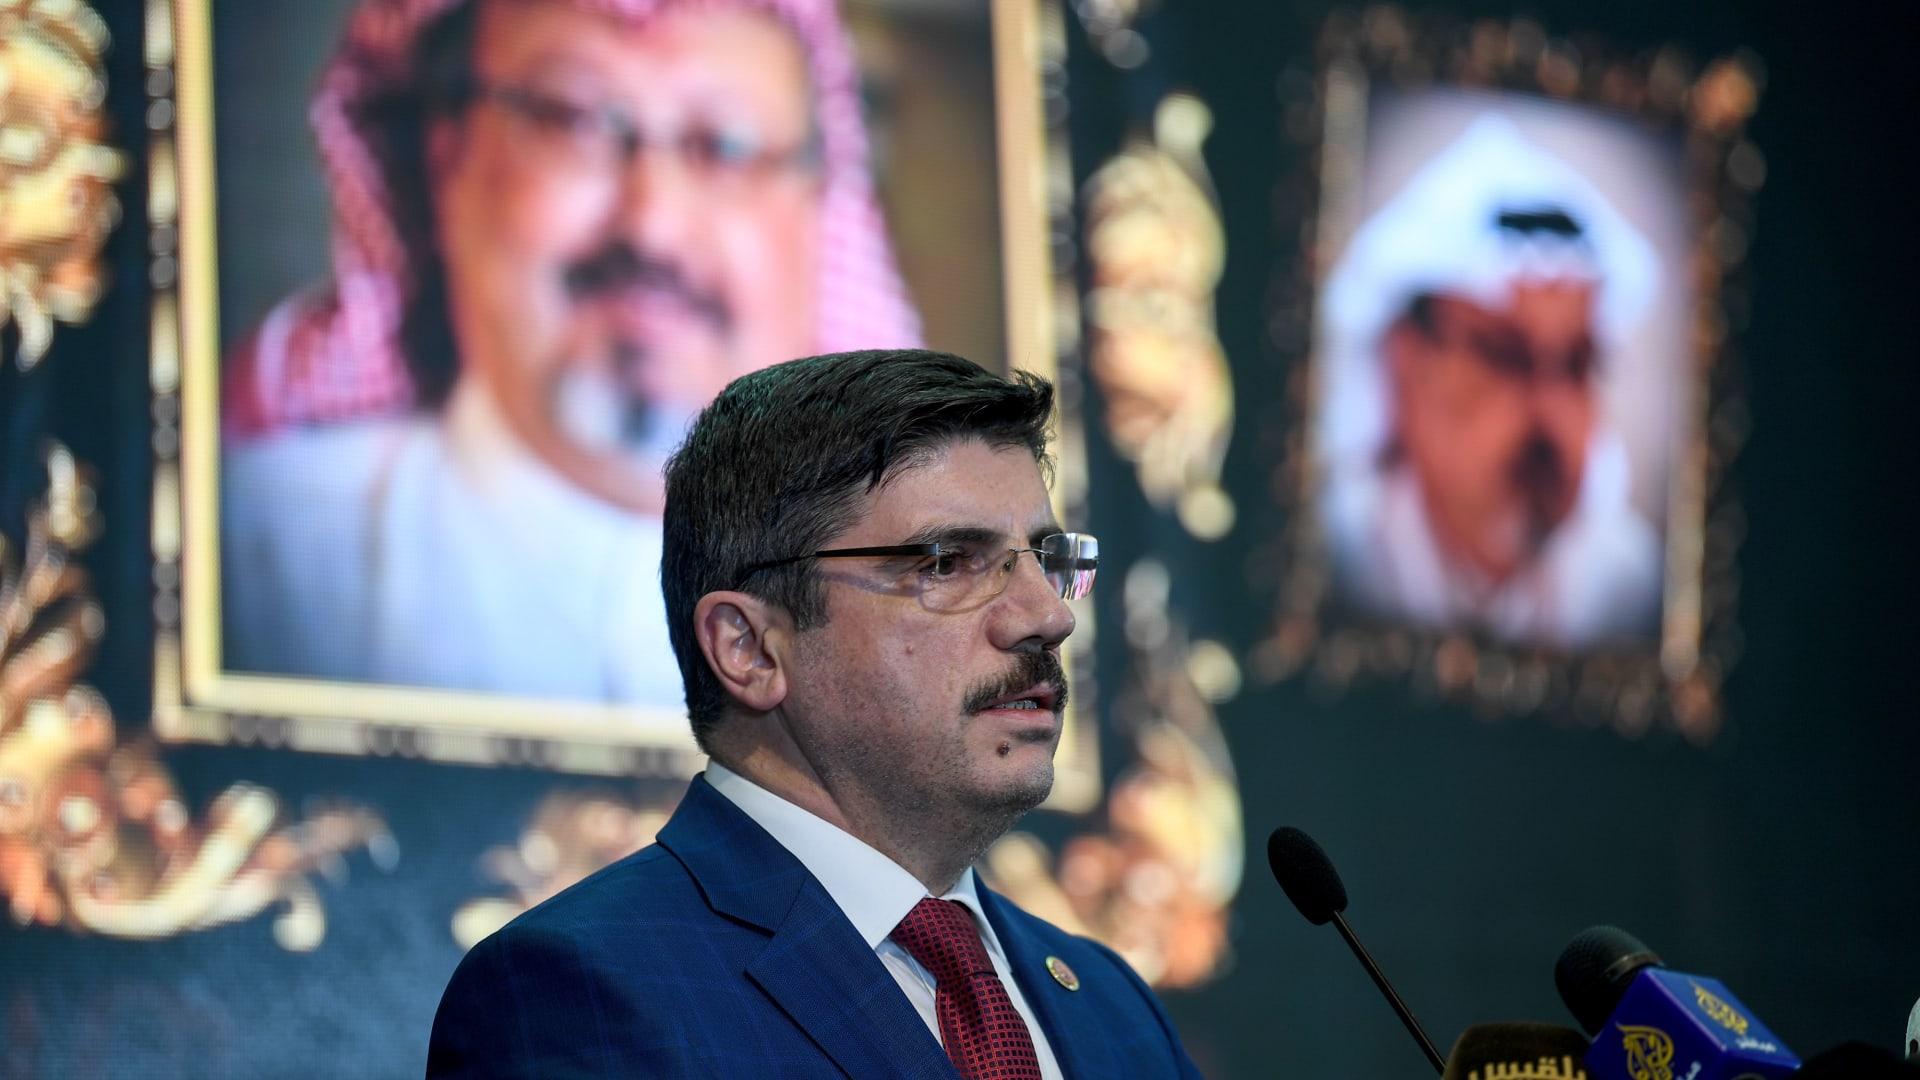 """من ملف السعودية وقطر لأحداث """"ريتز"""".. مستشار أردوغان يفصّل معارضة خاشقجي"""